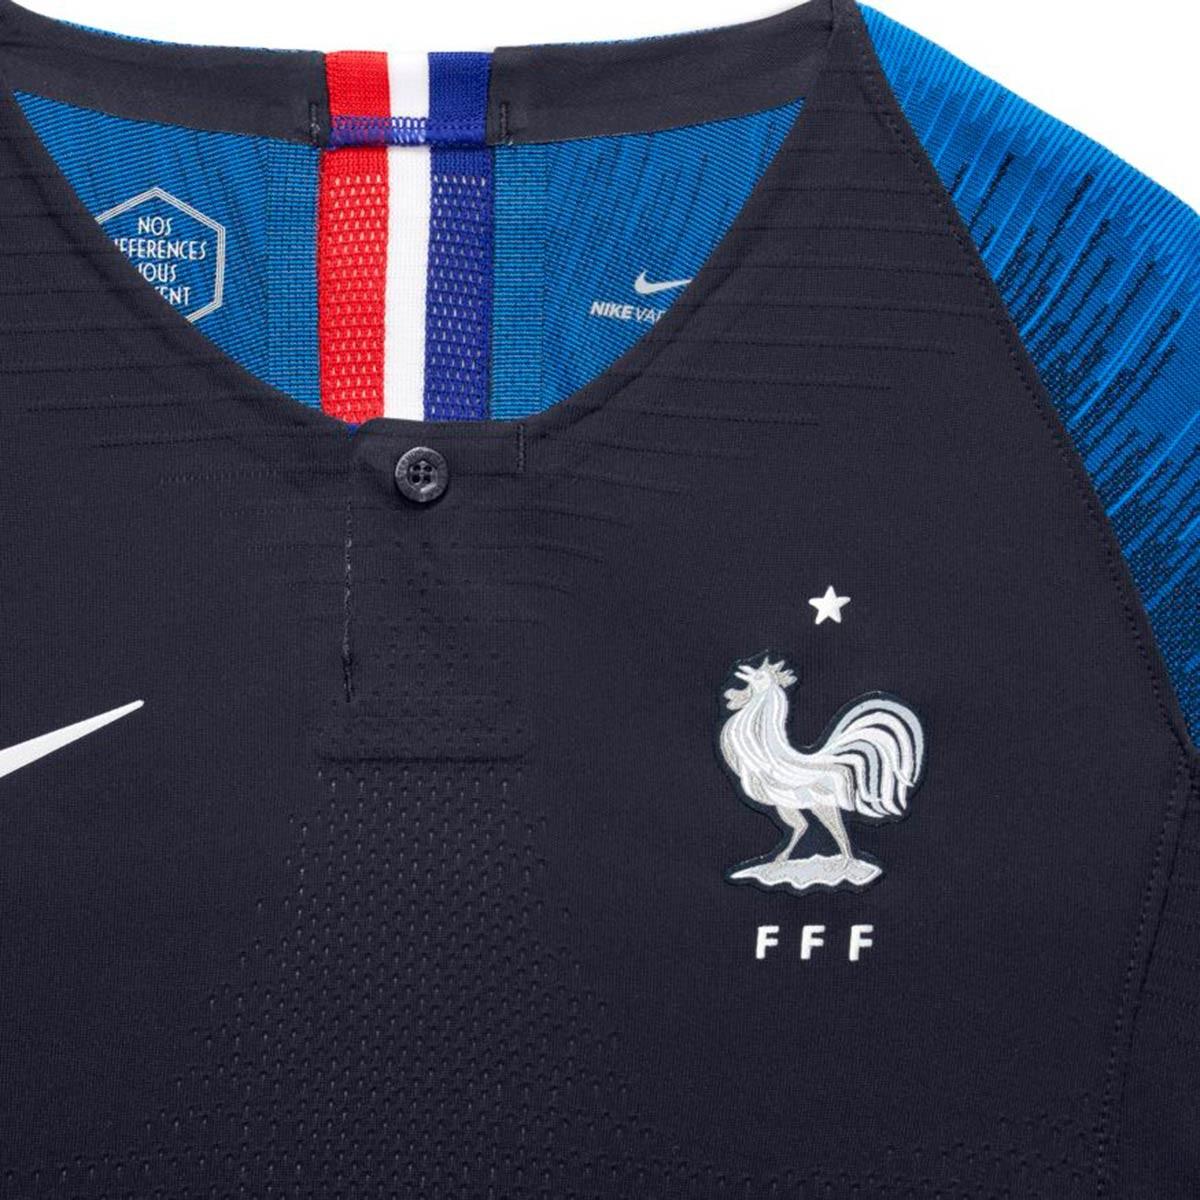 1dca16317989c Camisola Nike França Vapor Equipamento Principal 2018-2019 Crianças  Obsidian-White - Loja de futebol Fútbol Emotion